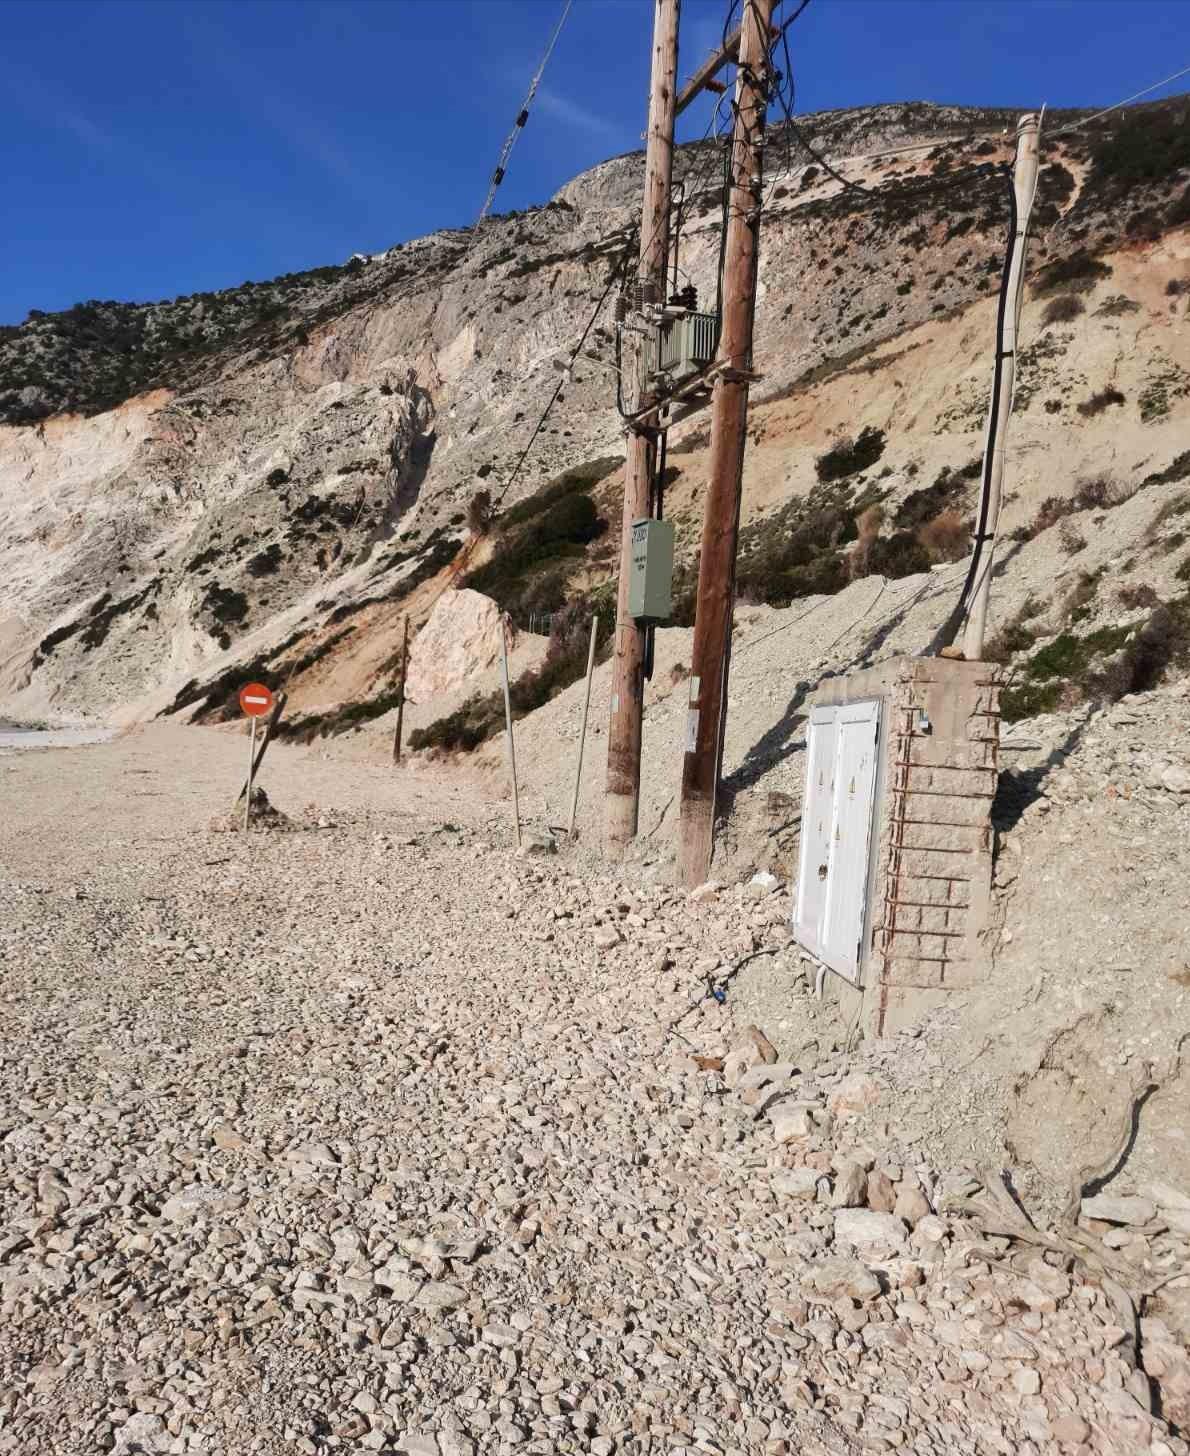 Ανδρέας Κωνσταντάτος: Μύρτος, μια έρημη παραλία -SOS σε ολόκληρη τη βόρεια Κεφαλονιά [εικόνες]